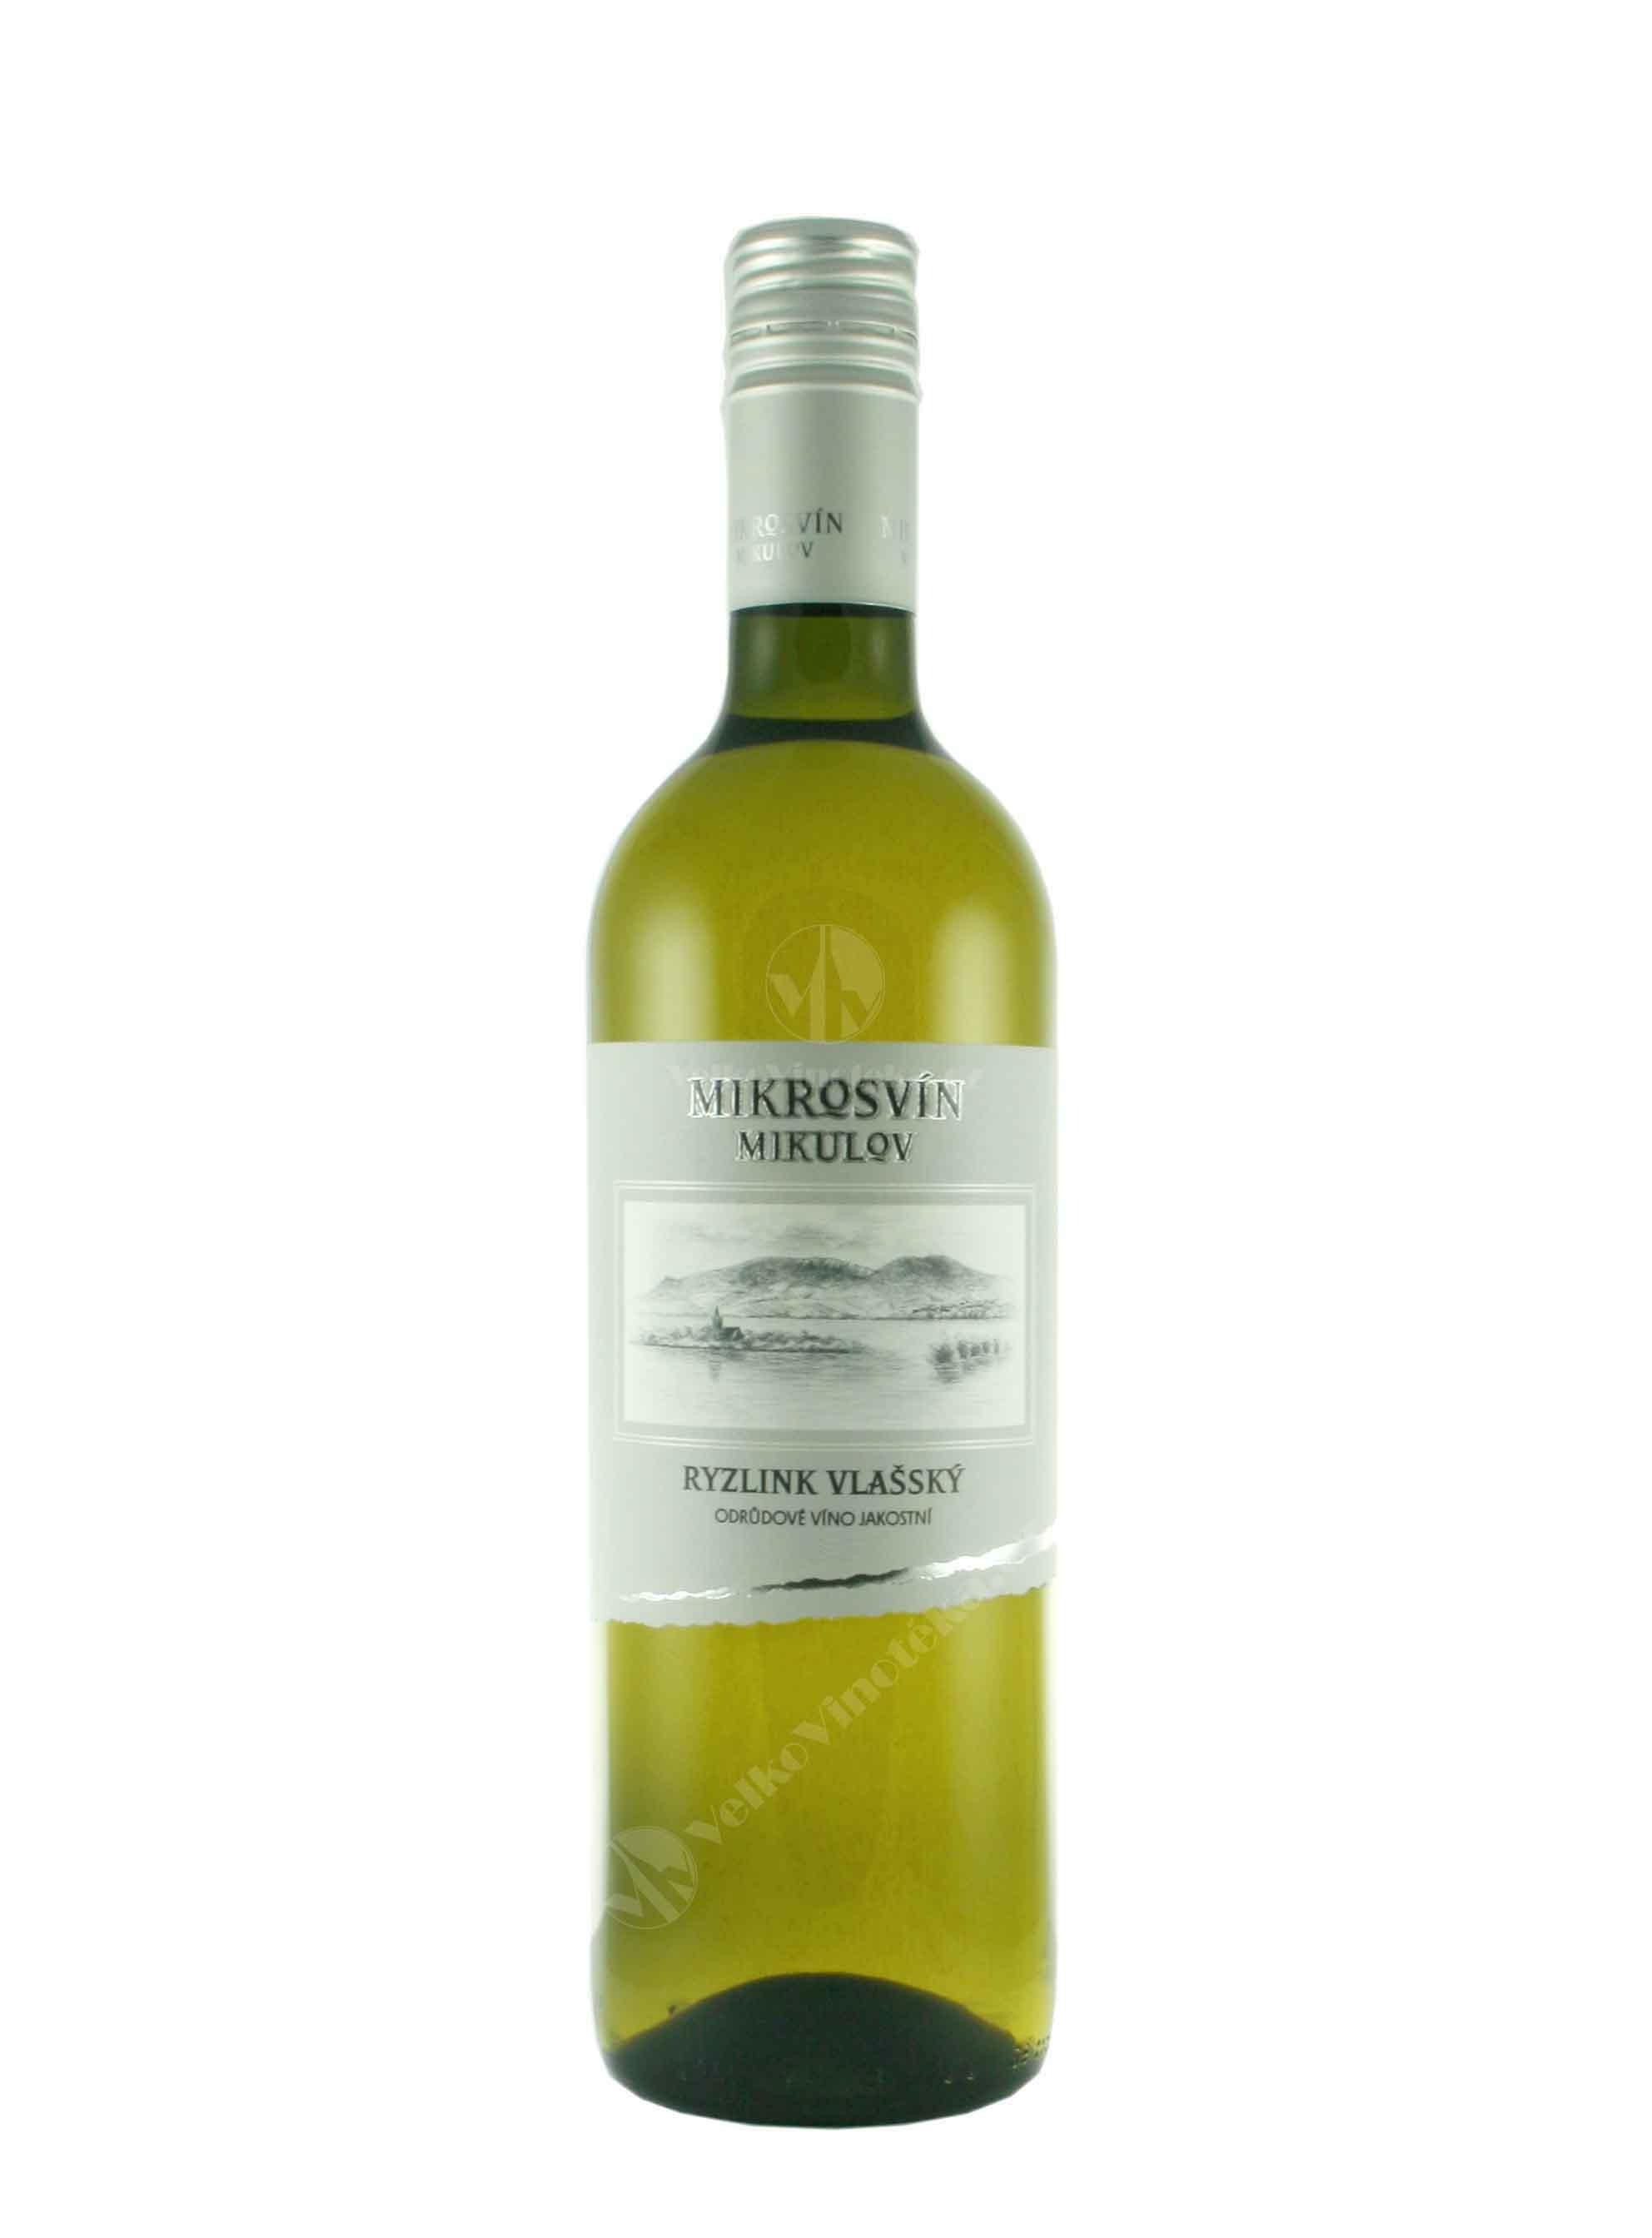 Ryzlink vlašský, Standard, Jakostní odrůdové, 2014, Mikrosvín, 0.75 l